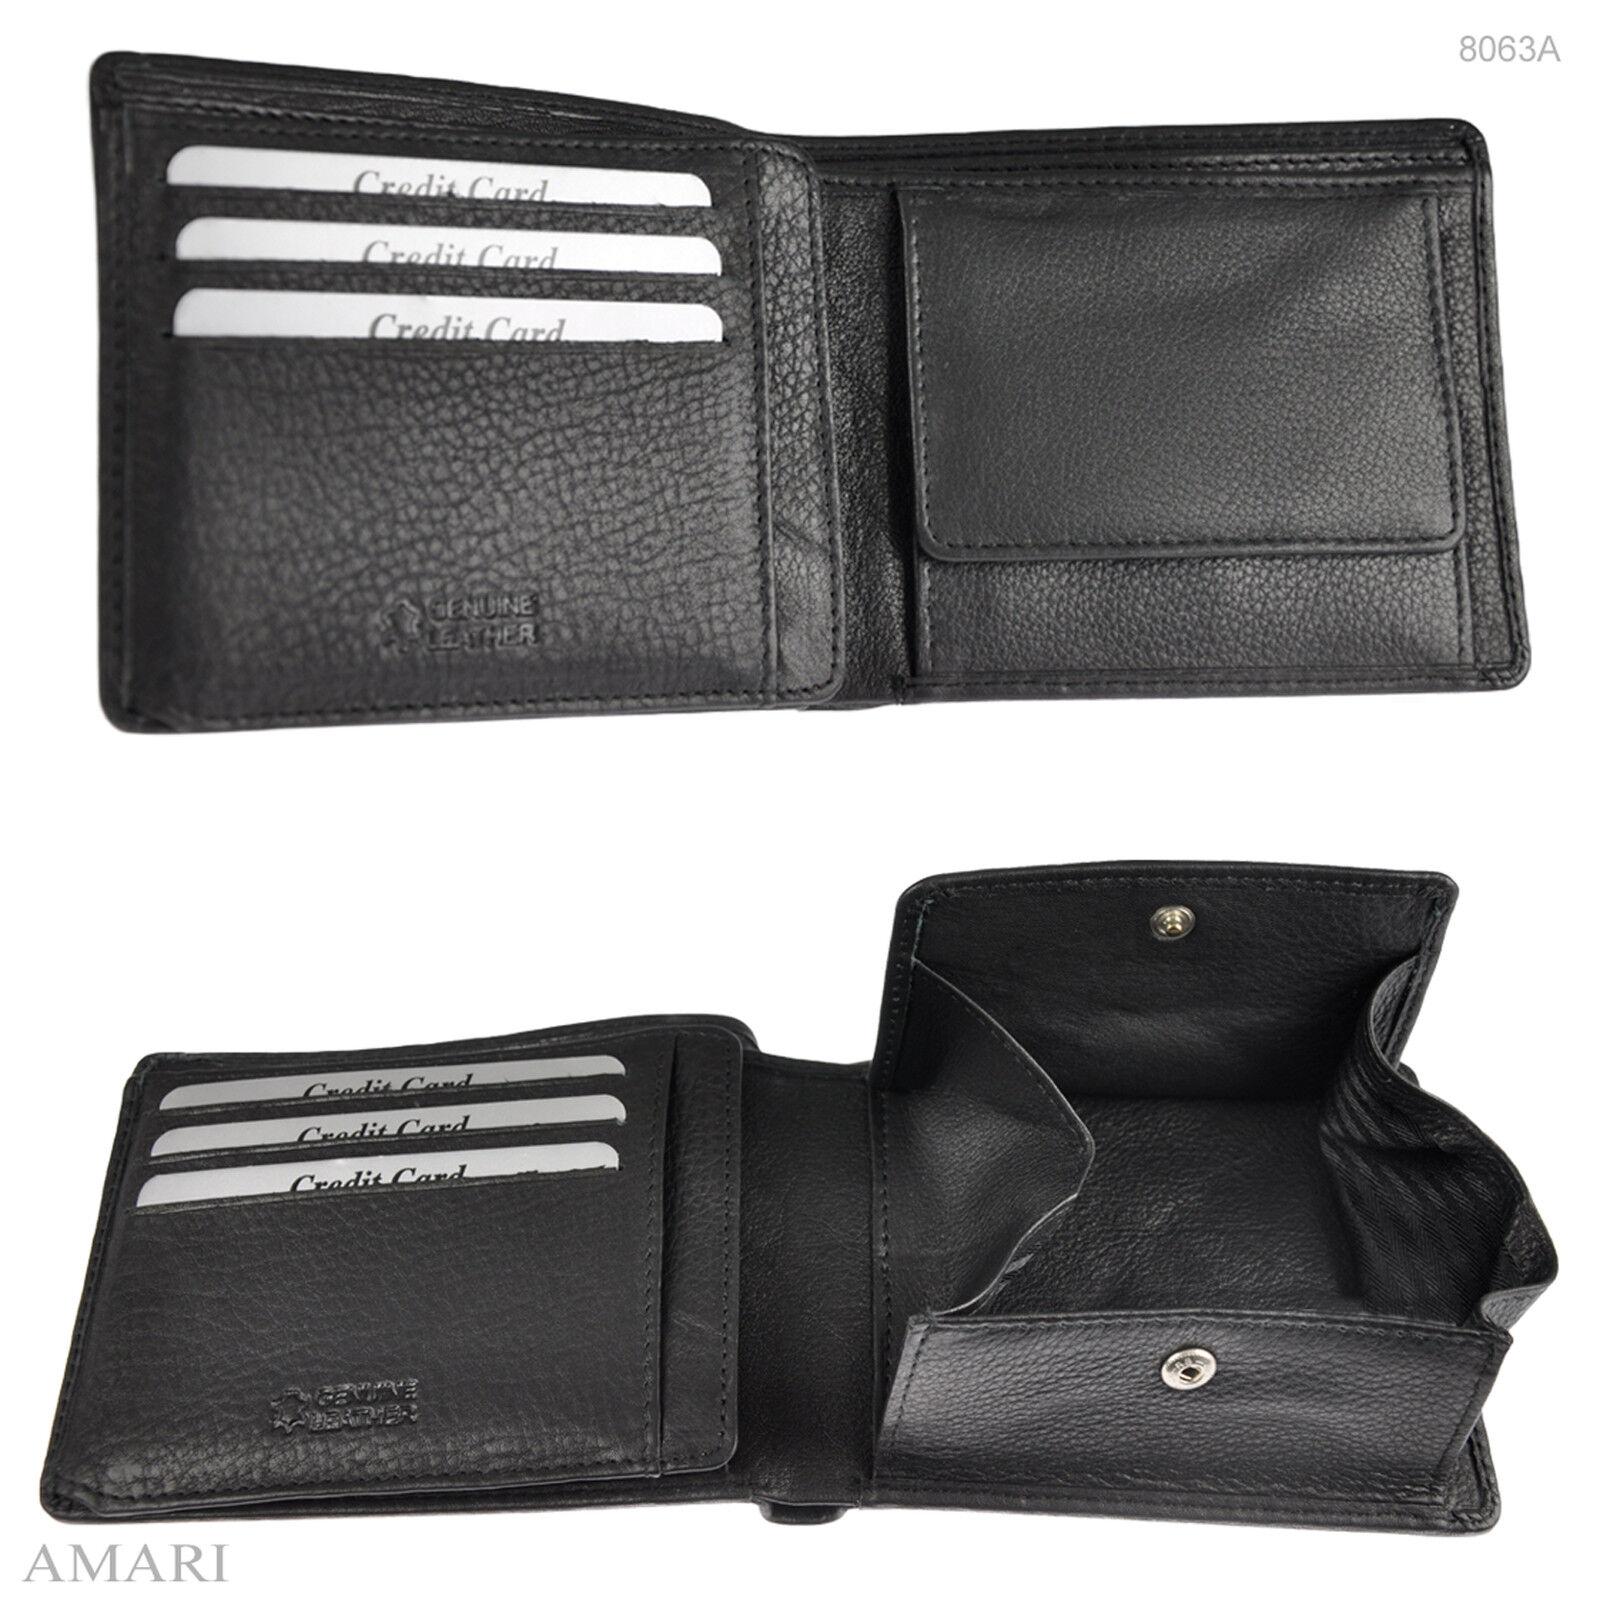 AMARI Damen Portemonnaie mit RFID-Schutz Rindnappaleder Geldbörse Geldtasche